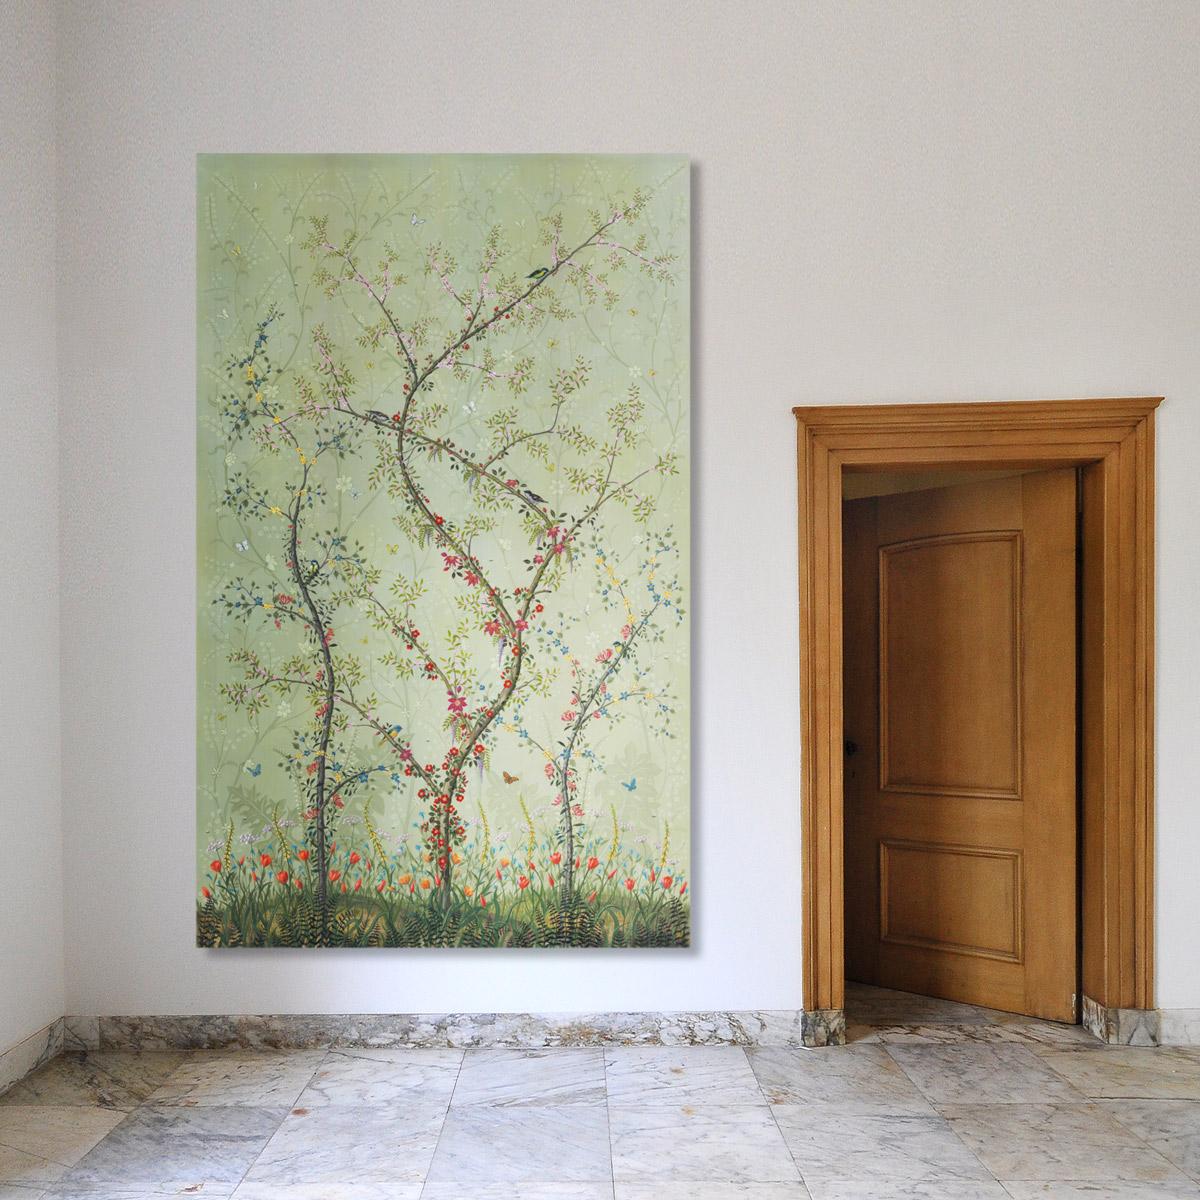 Tijdperk van bloei (samenwerking Museum Oud Amelisweer (MOA)